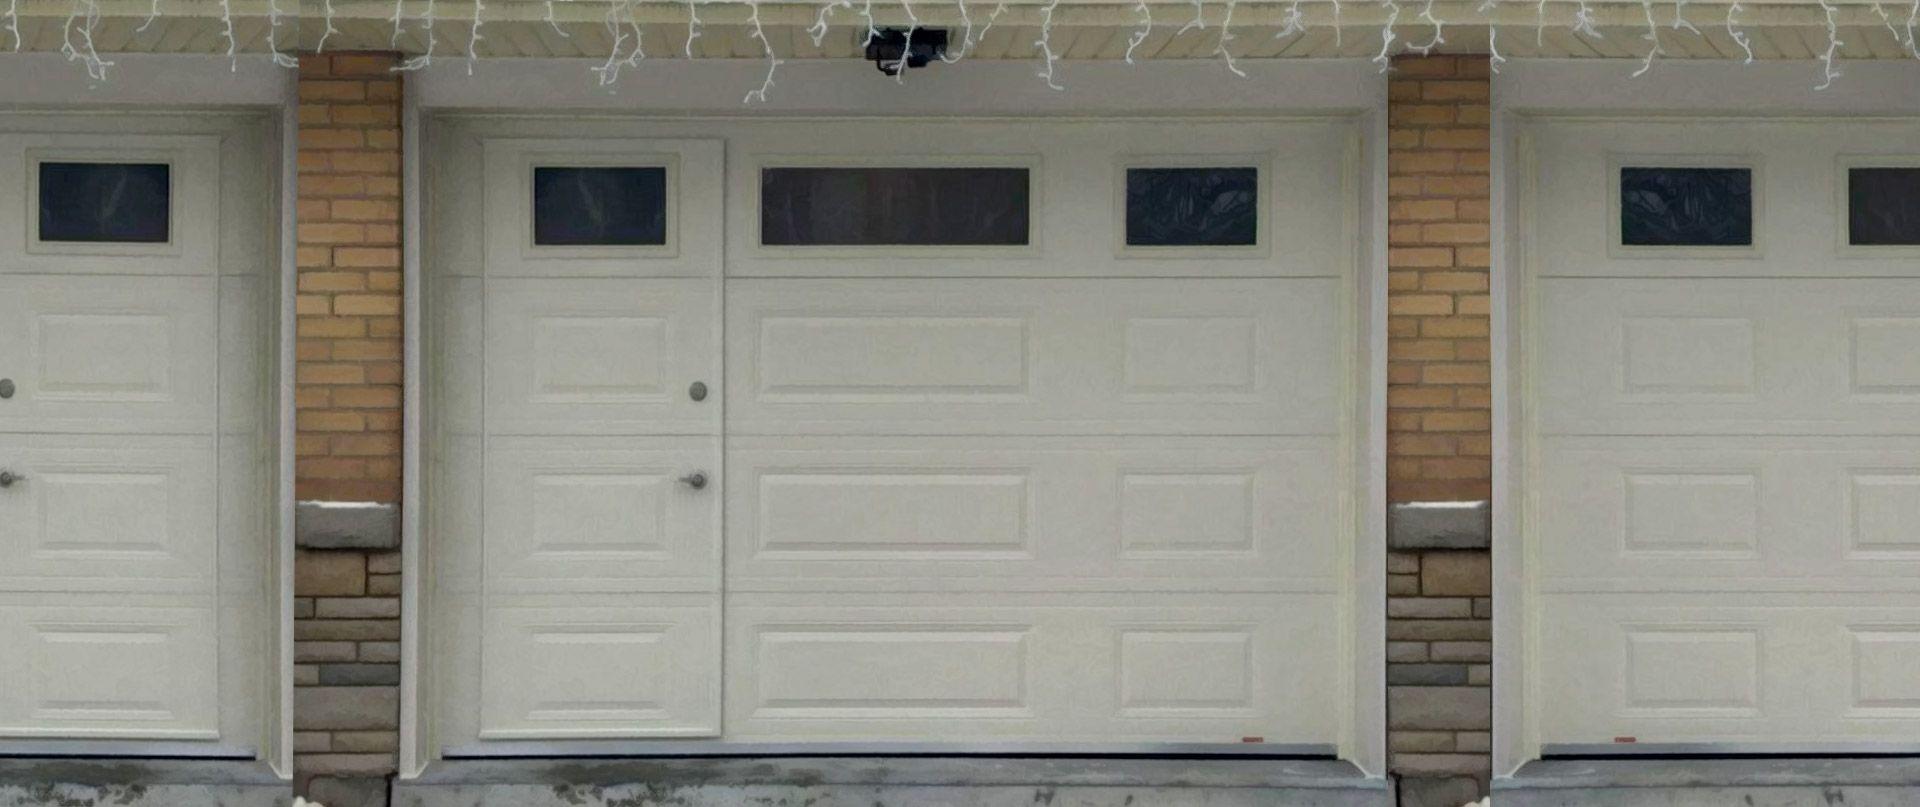 Walkthru Garage Doors Garage Doors Garage Door Design Glass Garage Door